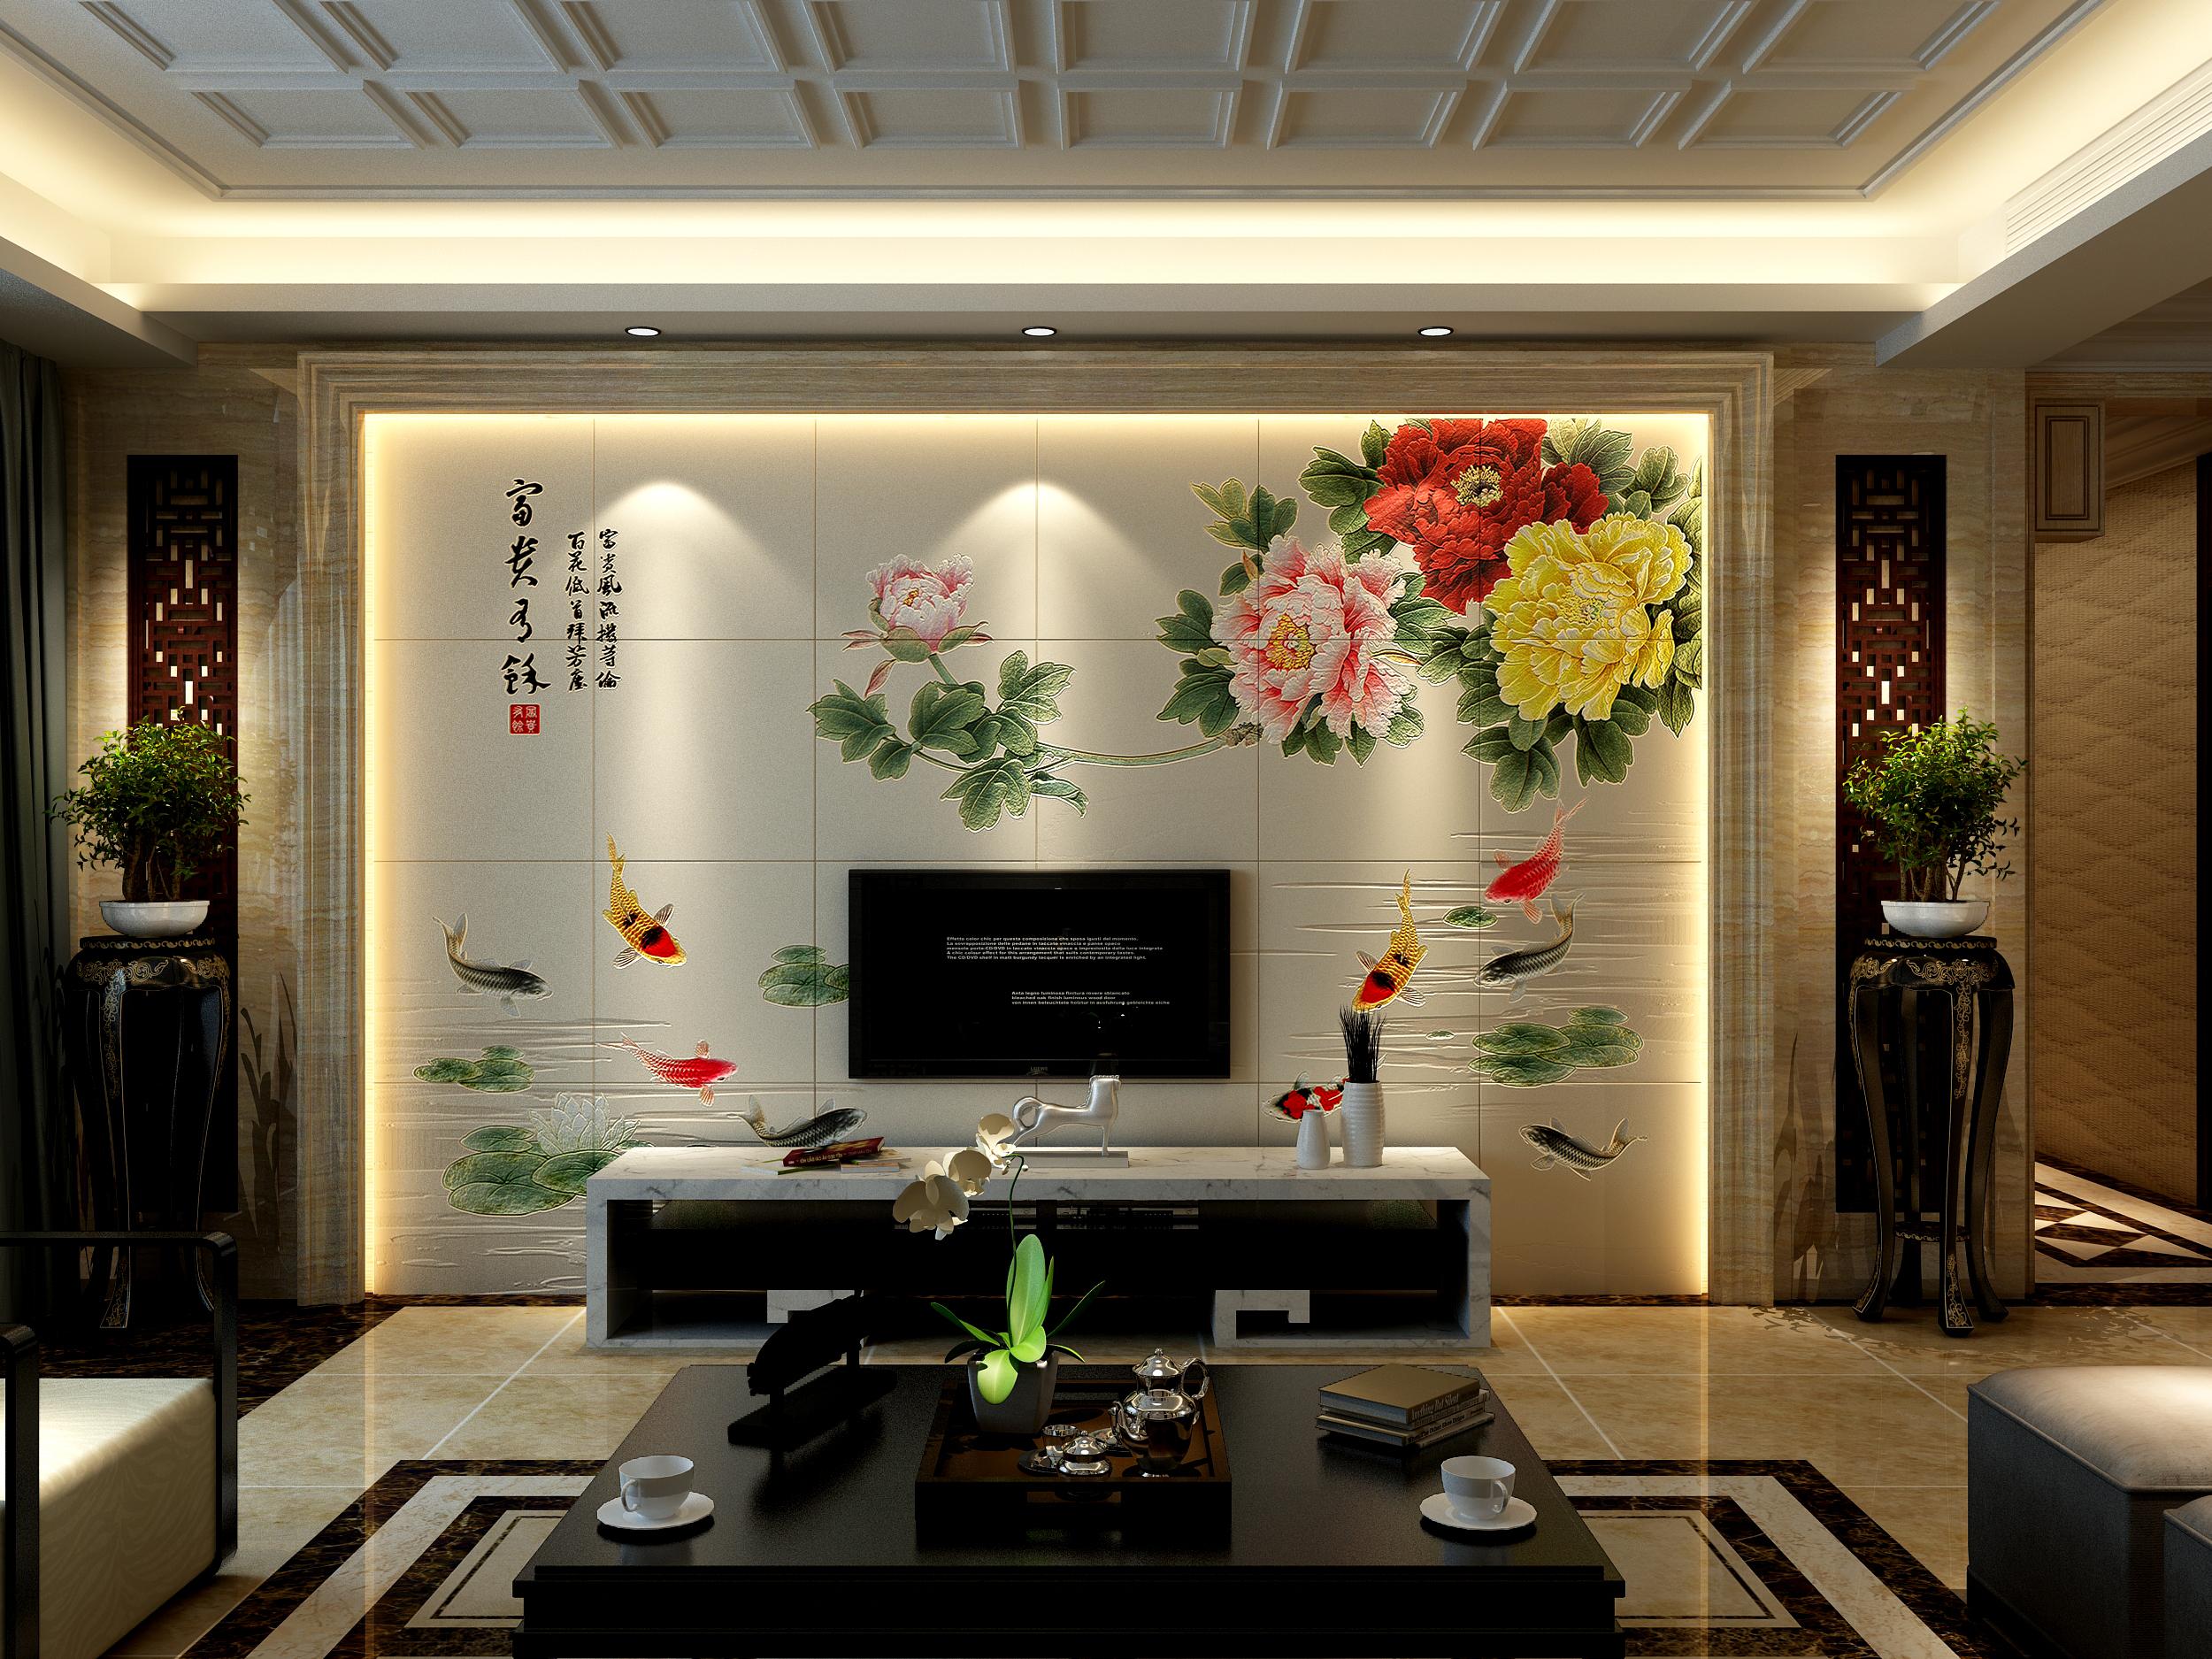 客厅电视背景墙瓷砖